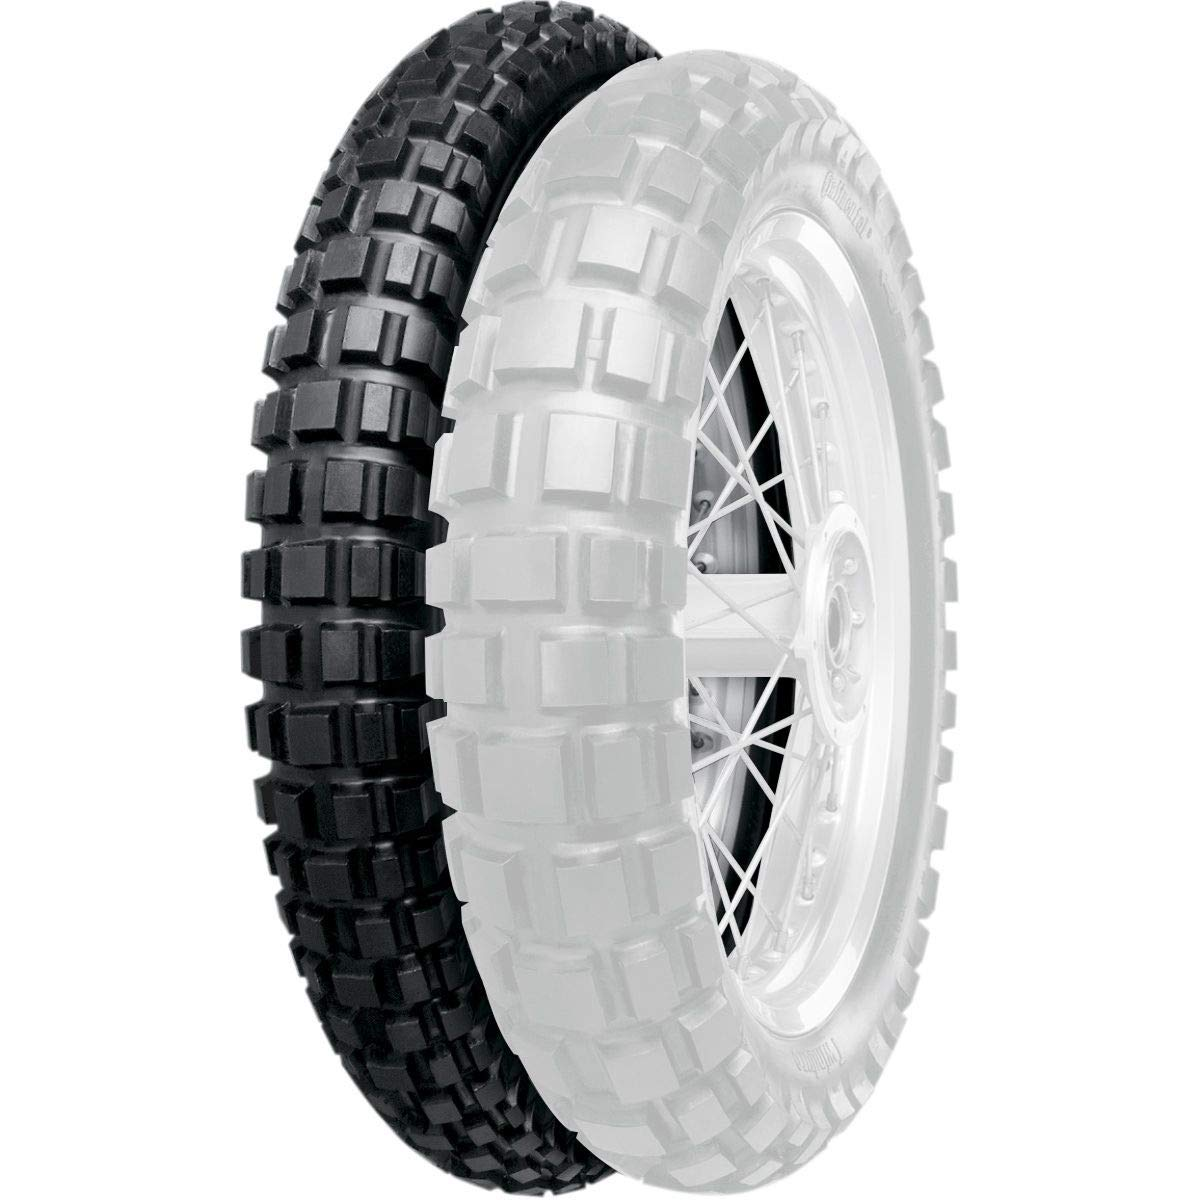 Continental TKC80 150//70B18 Rear Tire 2401880000